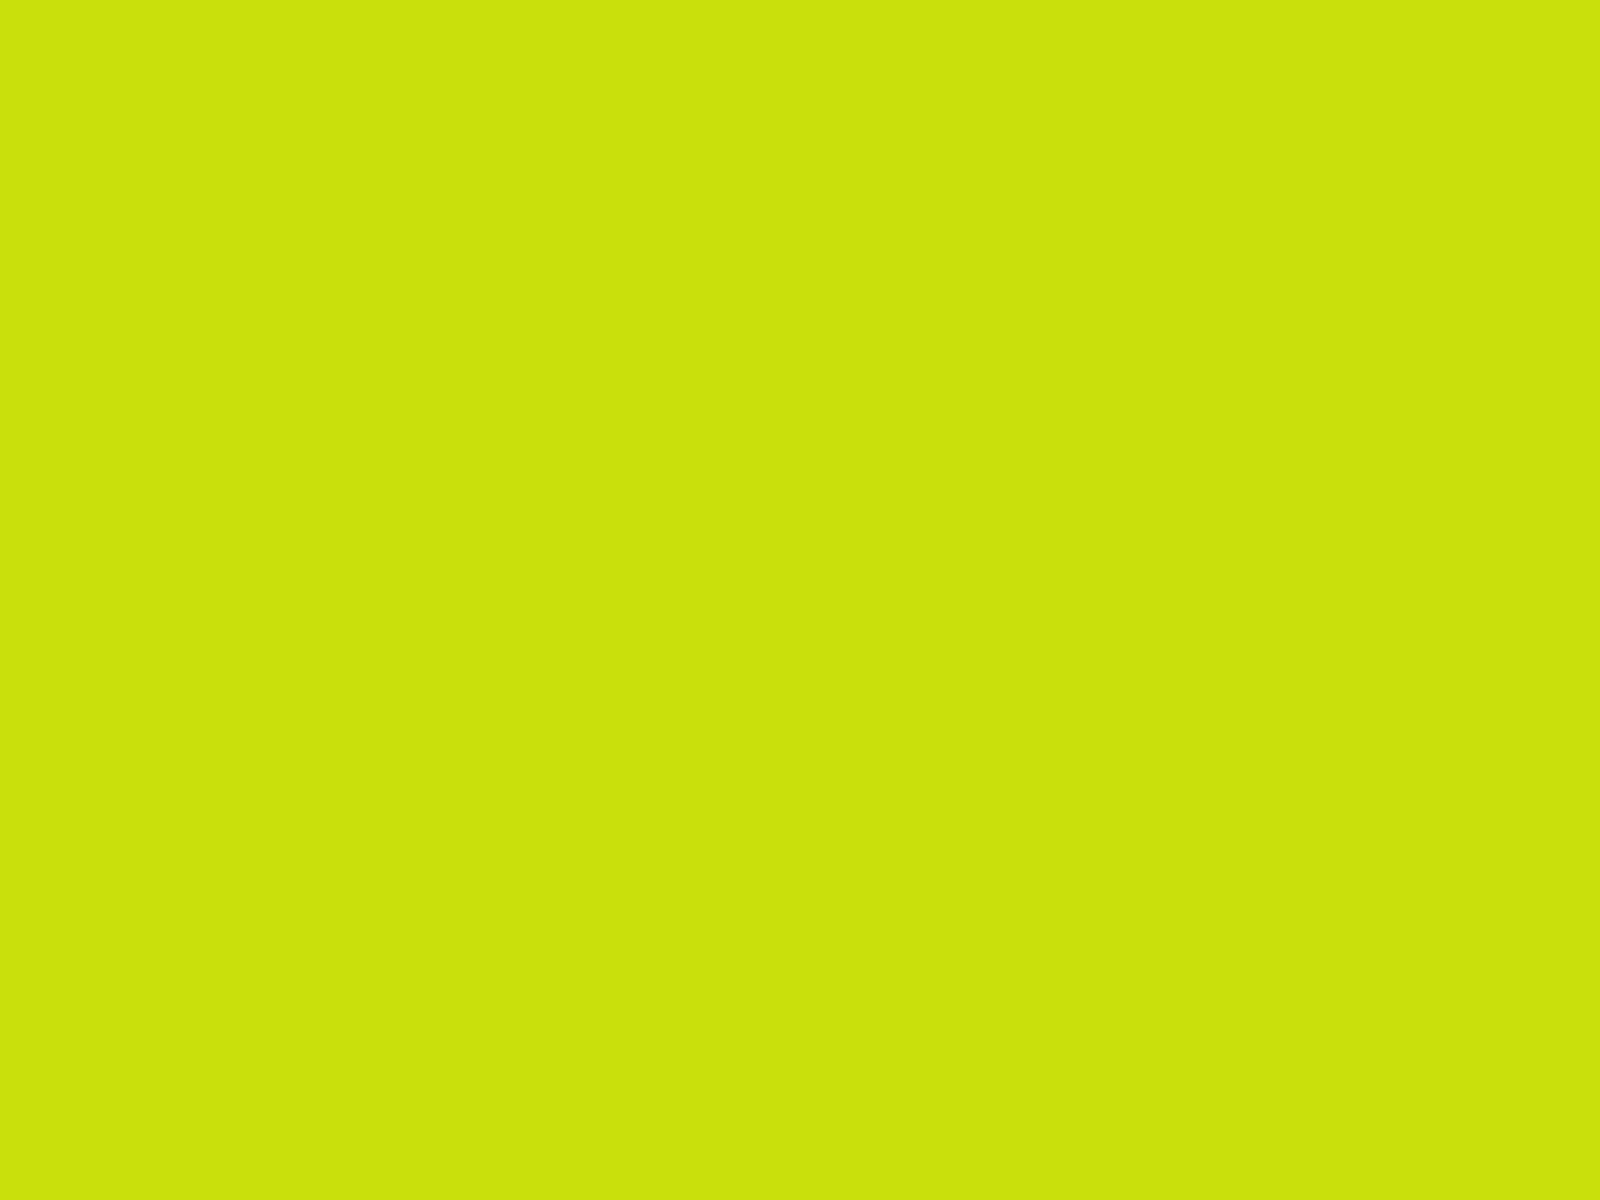 1600x1200 Bitter Lemon Solid Color Background